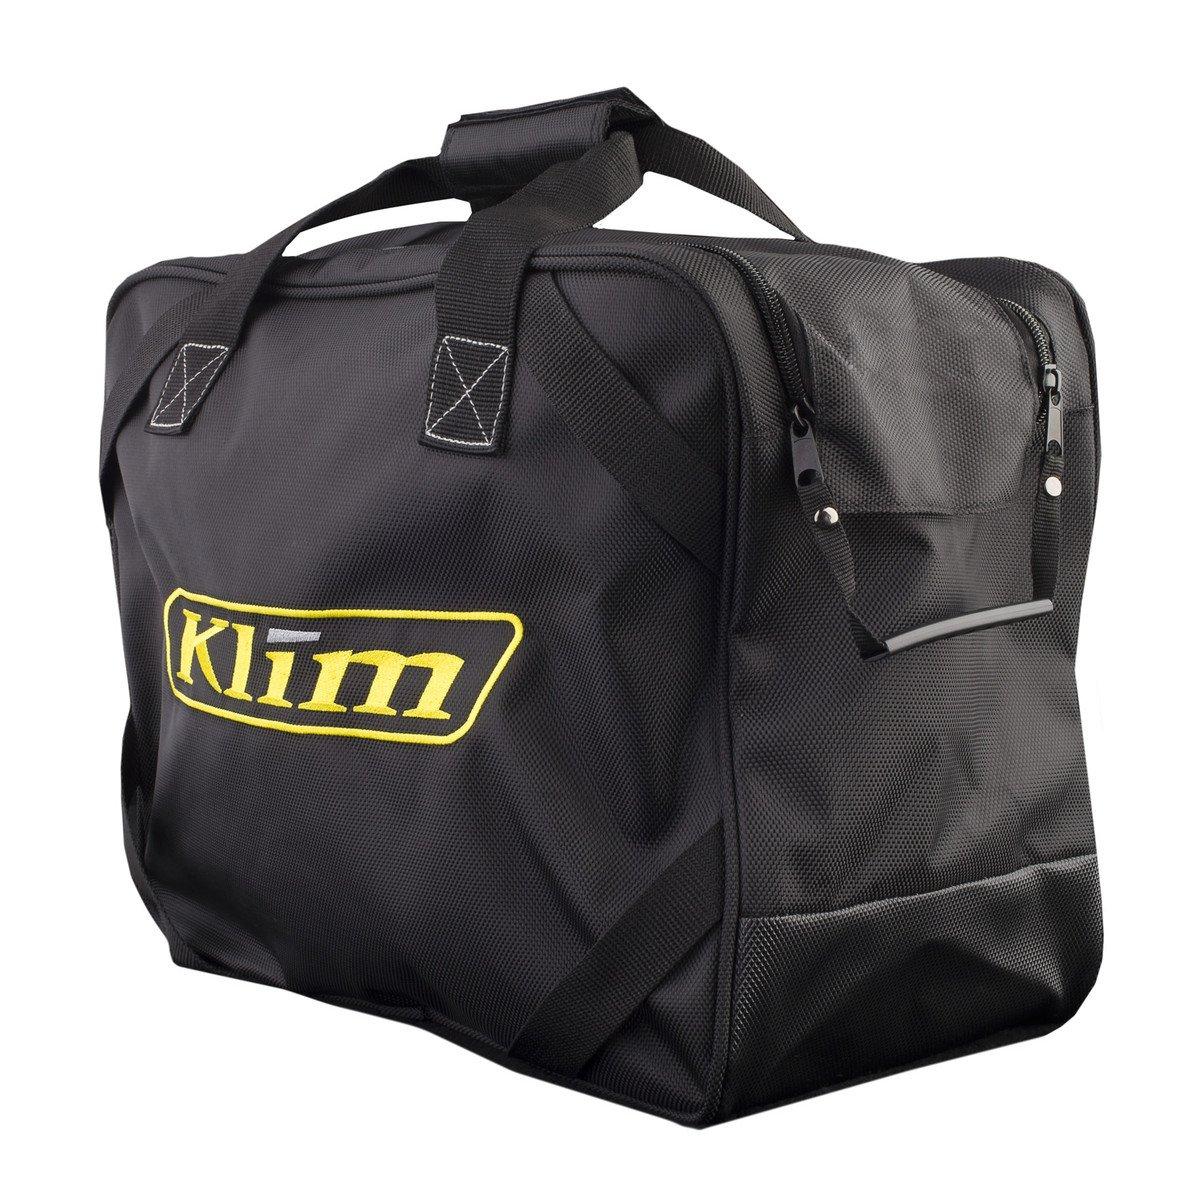 Klim Helmet Bag Motorcycle Helmet Accessories - Black One Size